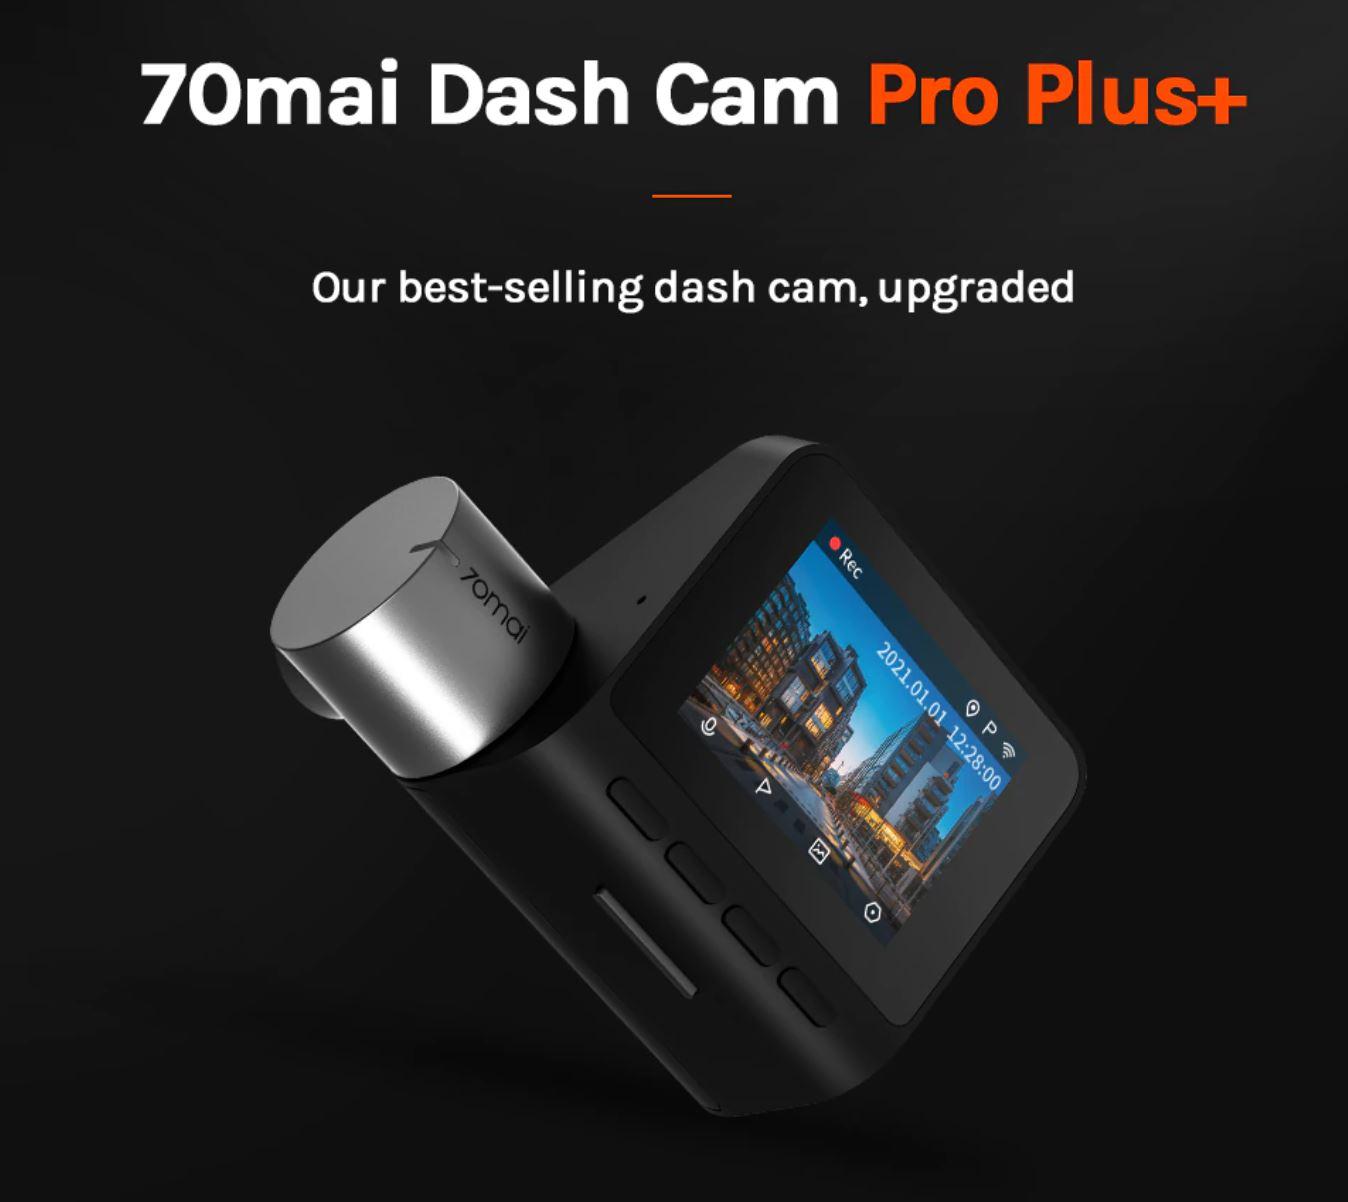 artykuły motoryzacyjne - promocja AliExpress - kamera samochodowa 70mai Dash Cam Pro Plus+